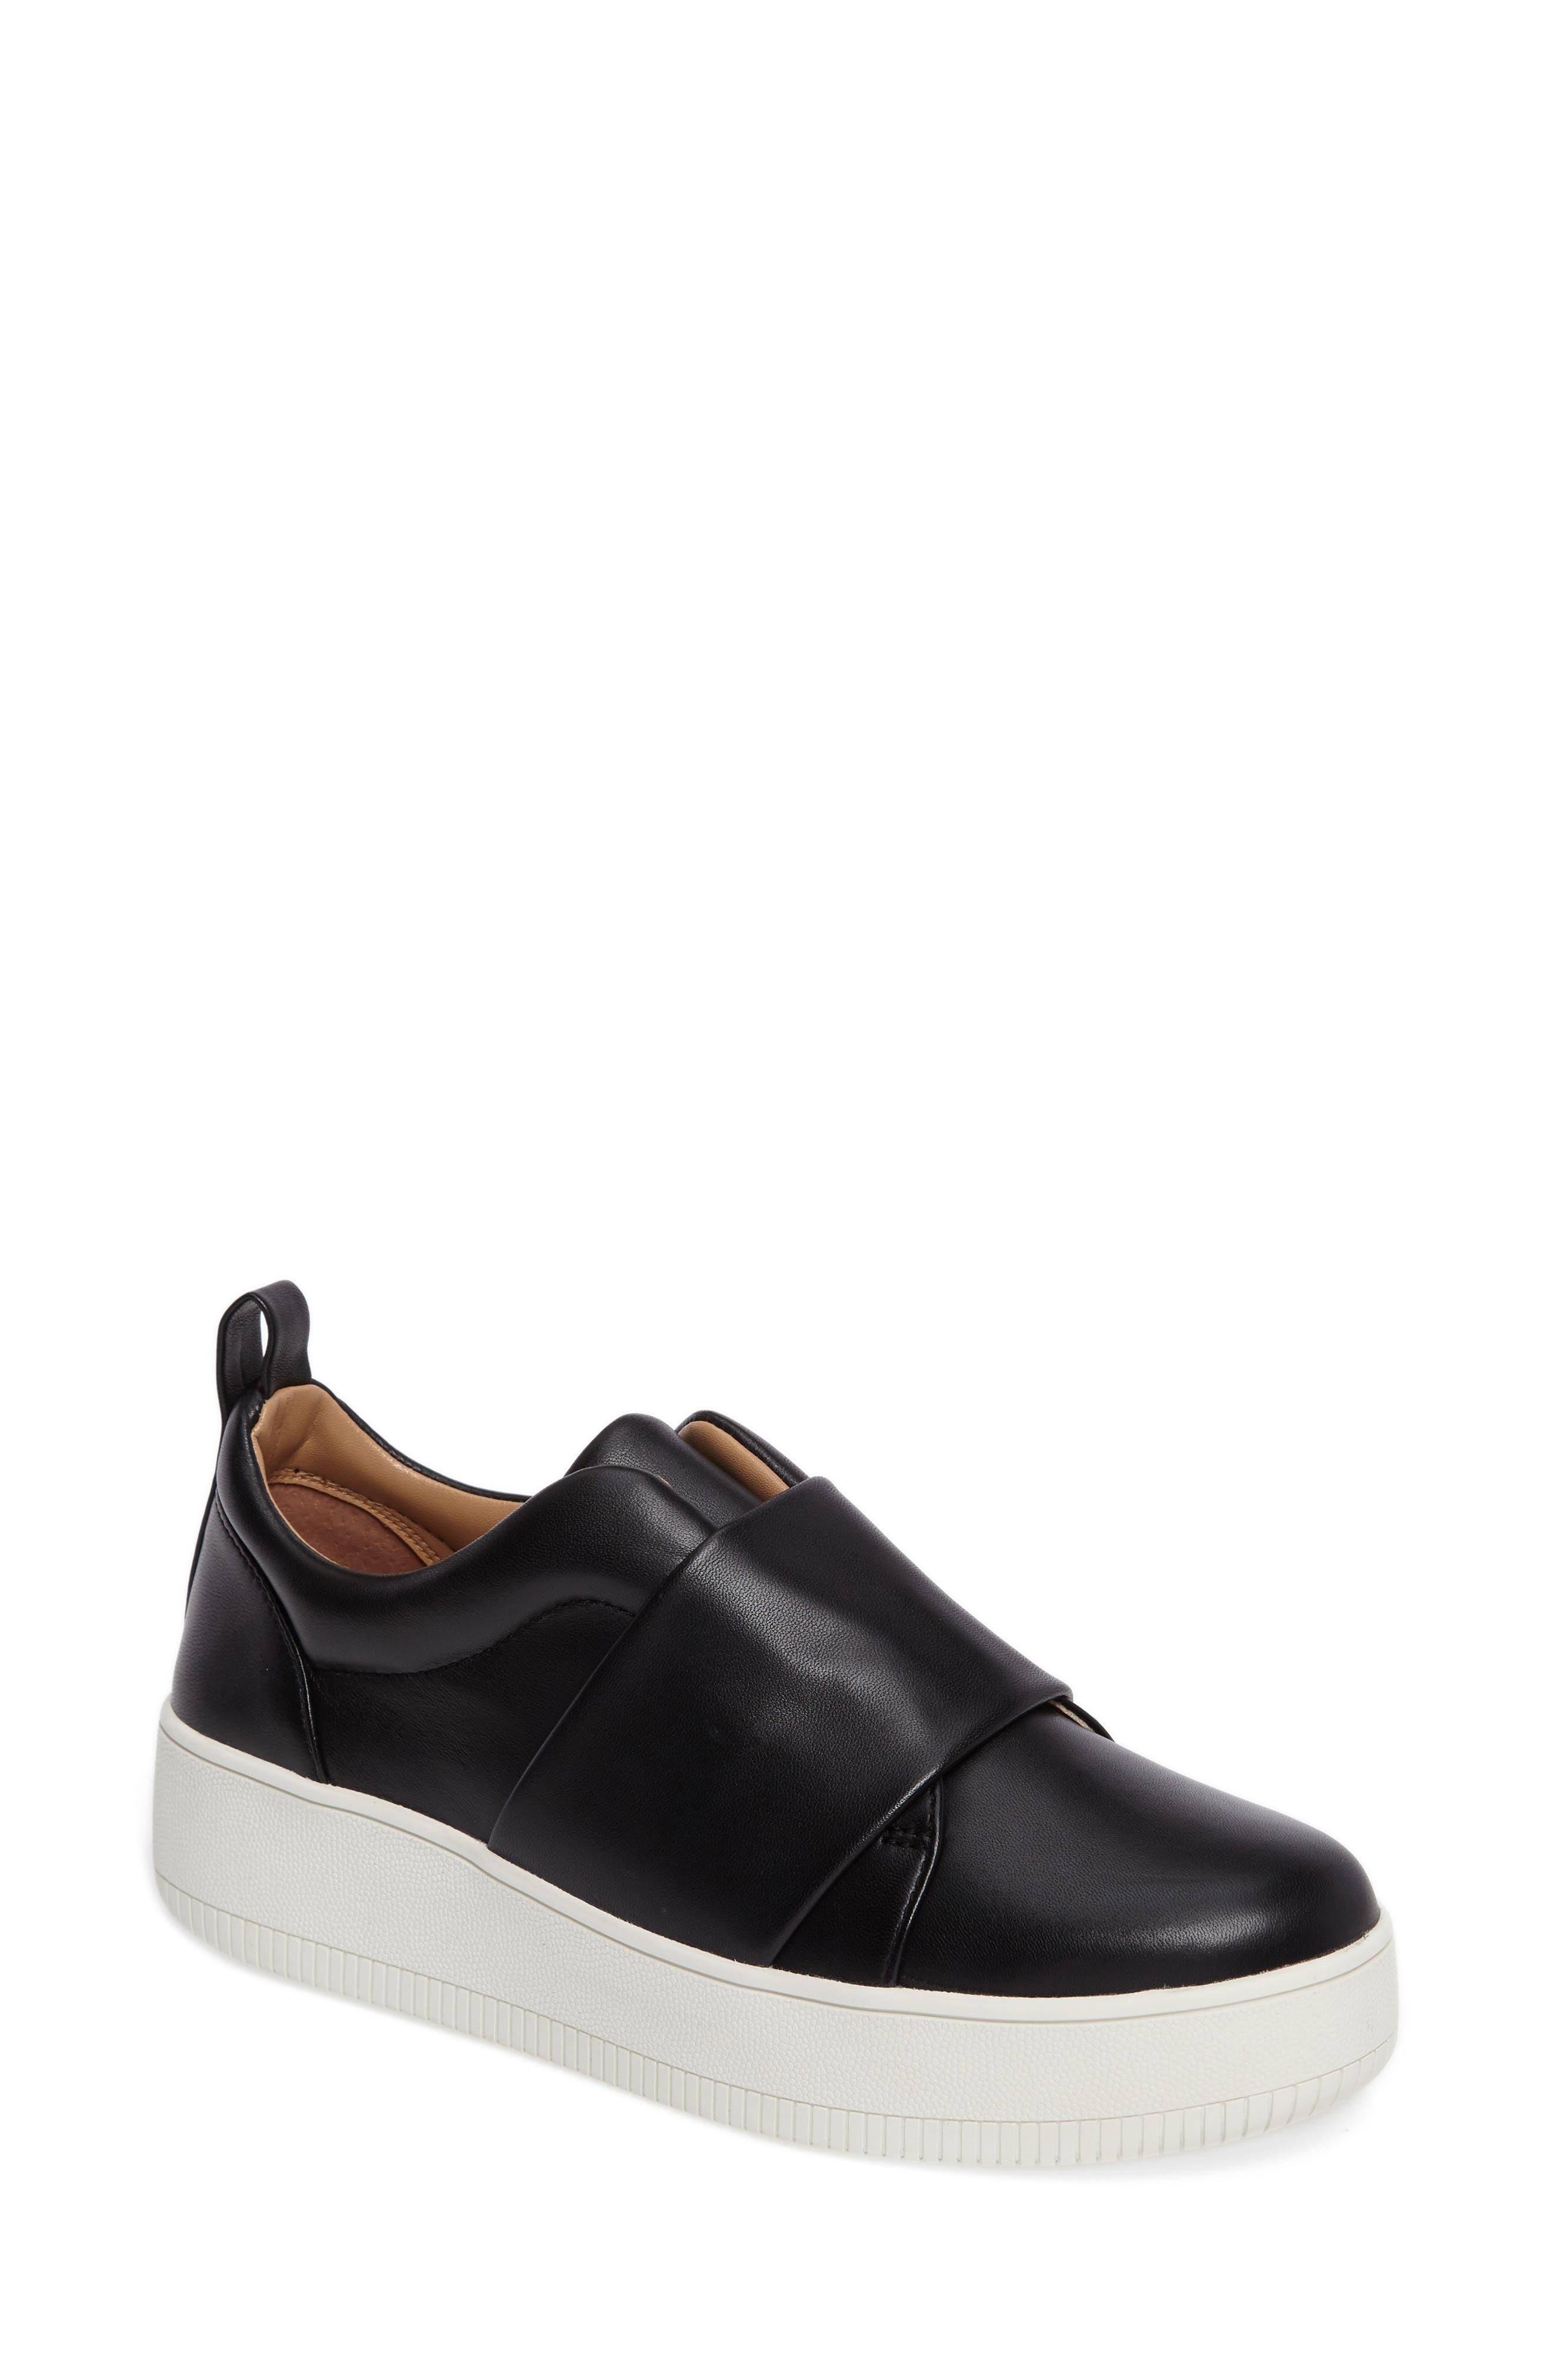 Suzie Platform Sneaker,                             Main thumbnail 1, color,                             001